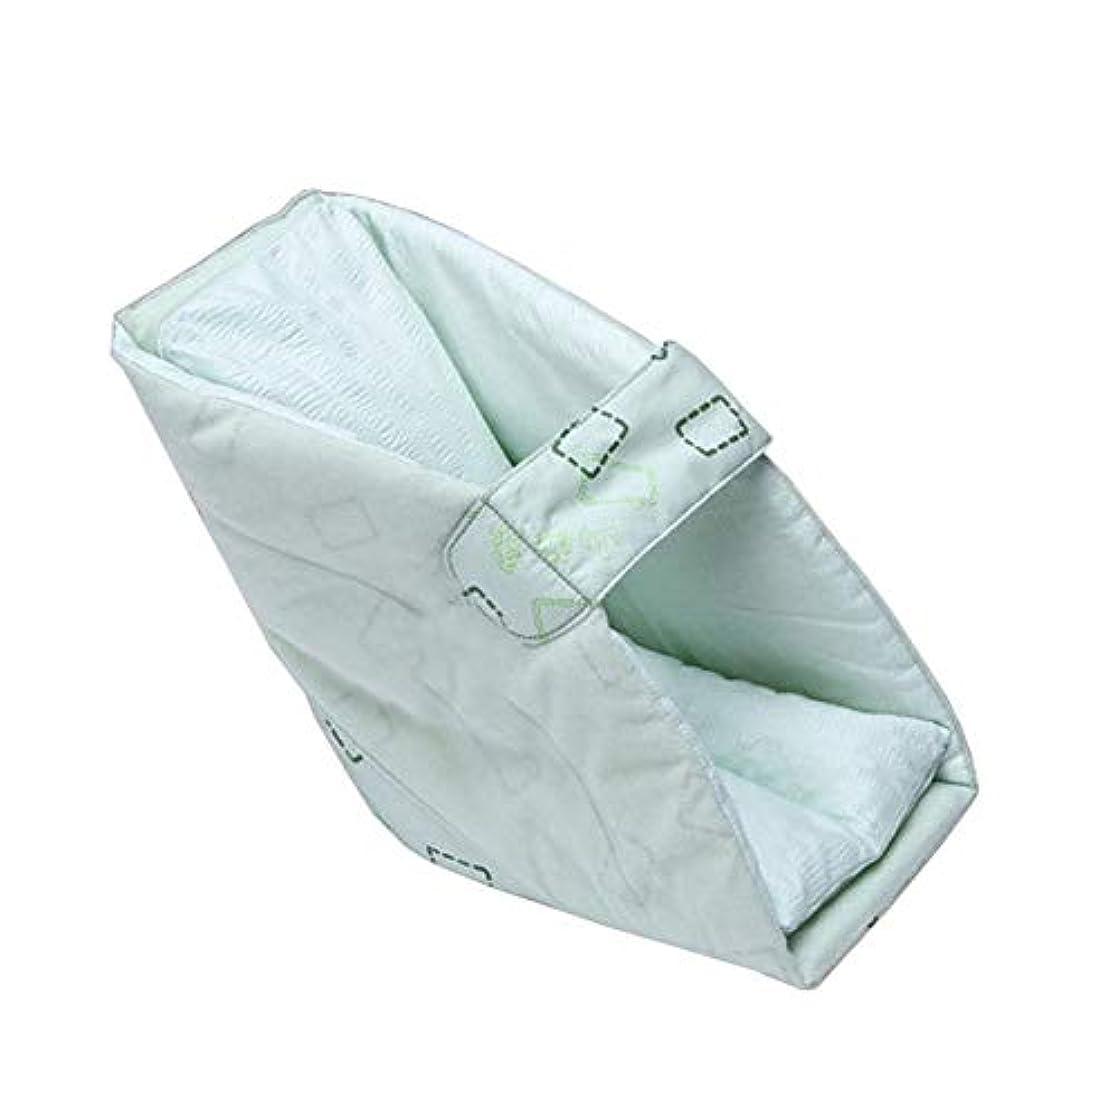 世界的にディレクトリ耐えられる足首フットカバー、ヒールフットドロップ保護パッド、車椅子の耐摩耗性フットカバーベッド患者ケア製品